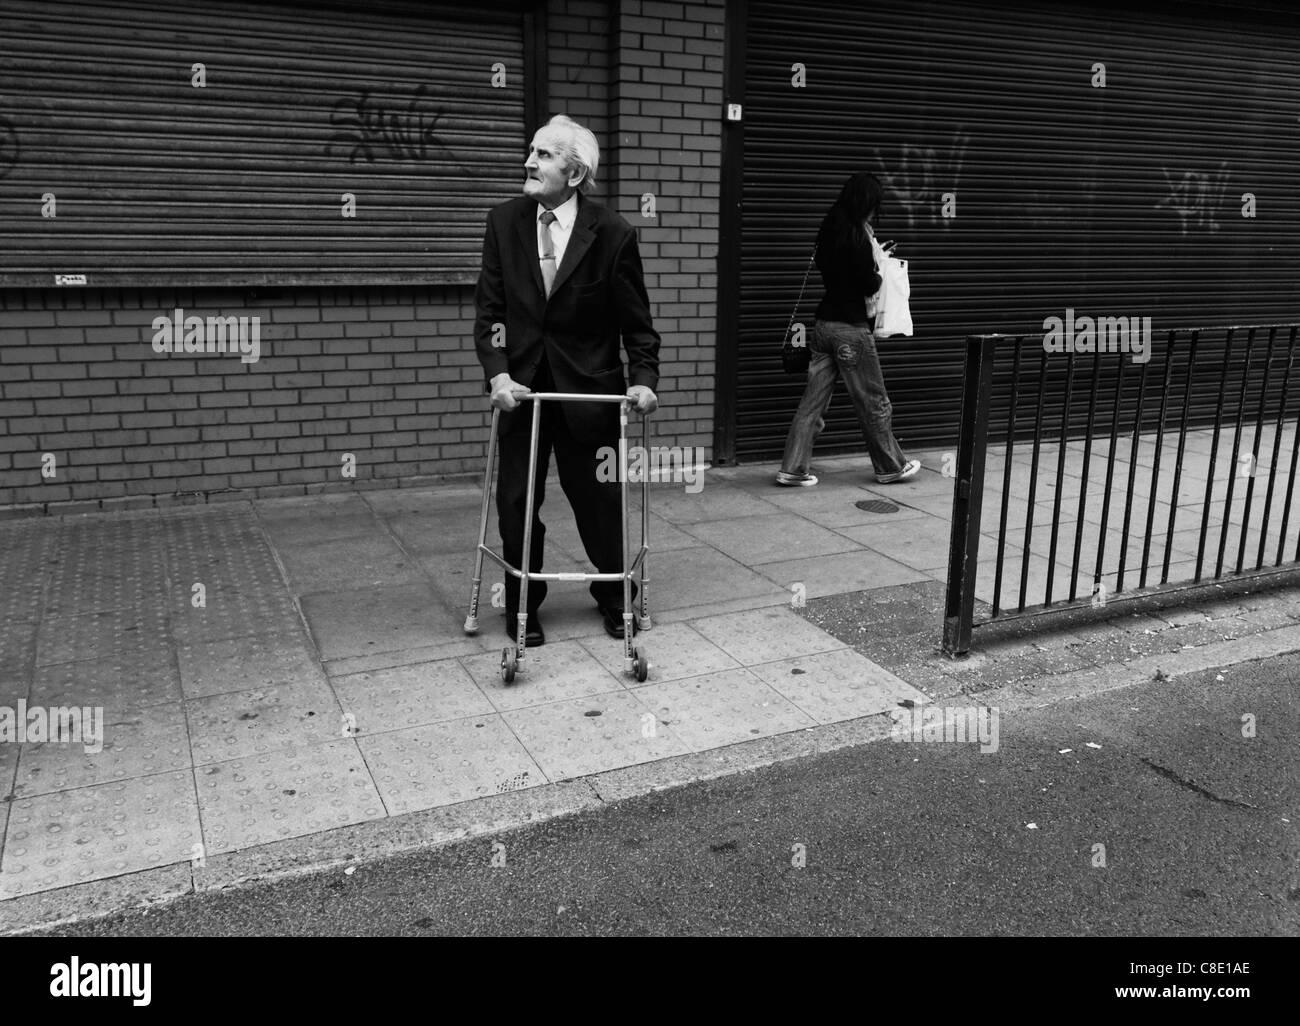 Old Man Walking Frame Stock Photos & Old Man Walking Frame Stock ...